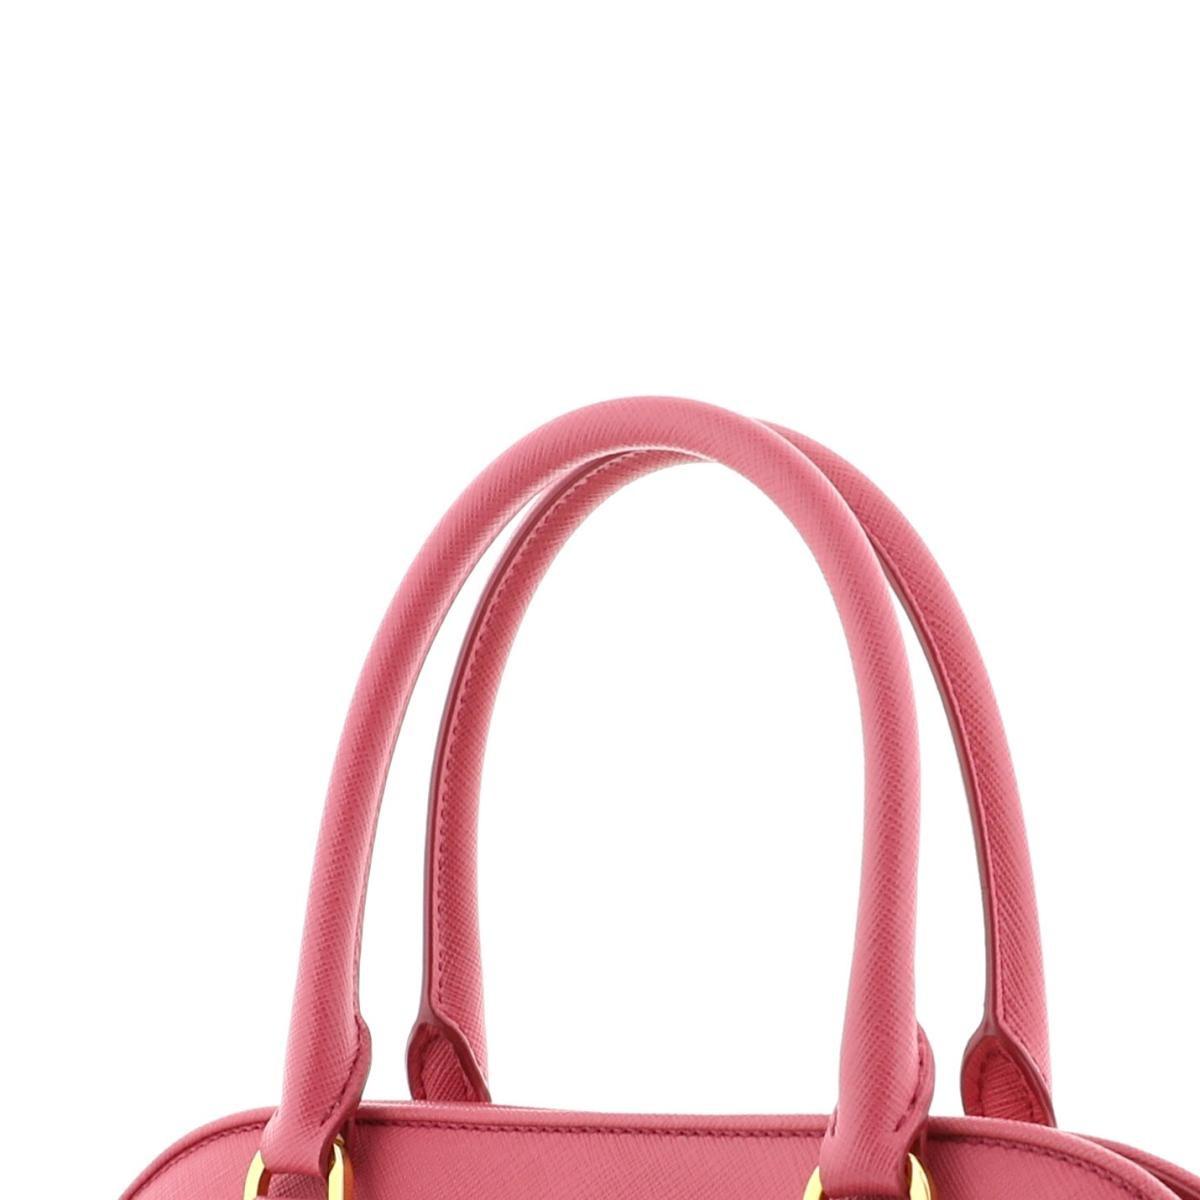 【即日発送・水曜定休日・木曜発送】【極上品】【オススメ】【RI】 PRADA (プラダ) サフィアーノ 2Way ハンドバッグ バッグ ハンドバッグ サフィアーノ Pink/ピンク BN2567 unused:S